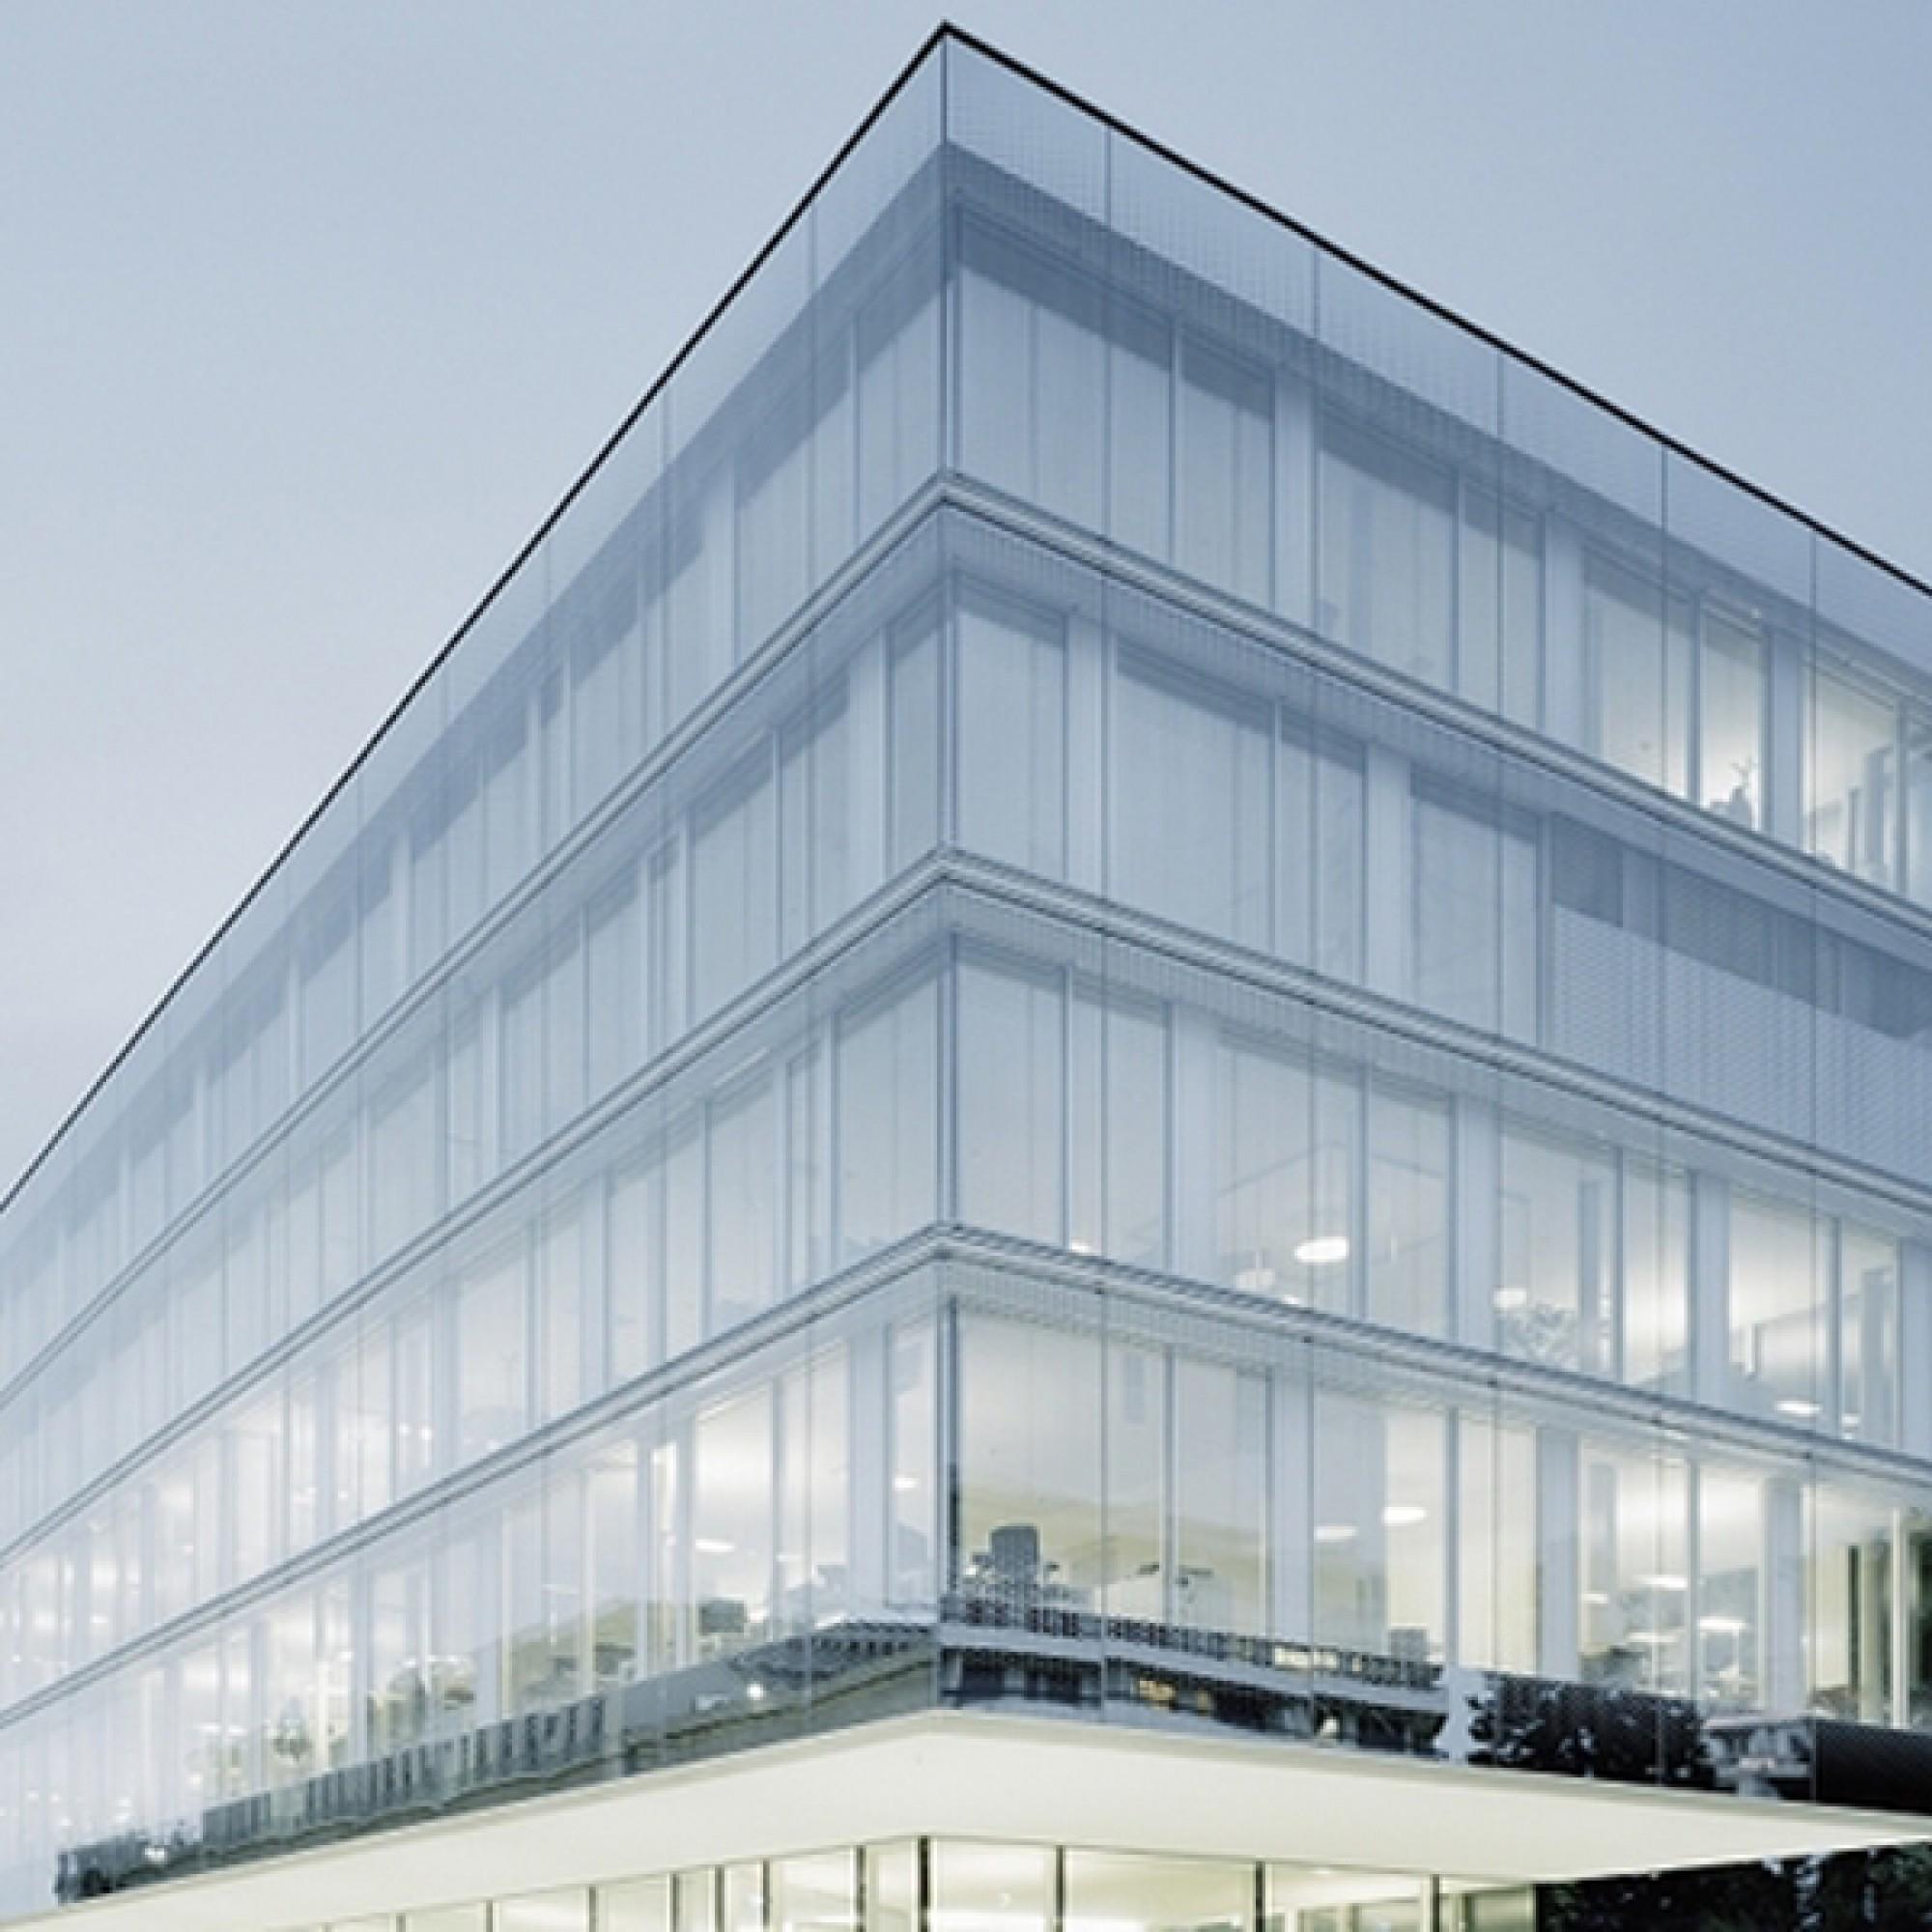 Speziell entwickeltes Fensterglas kann die Abschirmung elektromagnetischer Wellen verhindern (Glas Trösch)